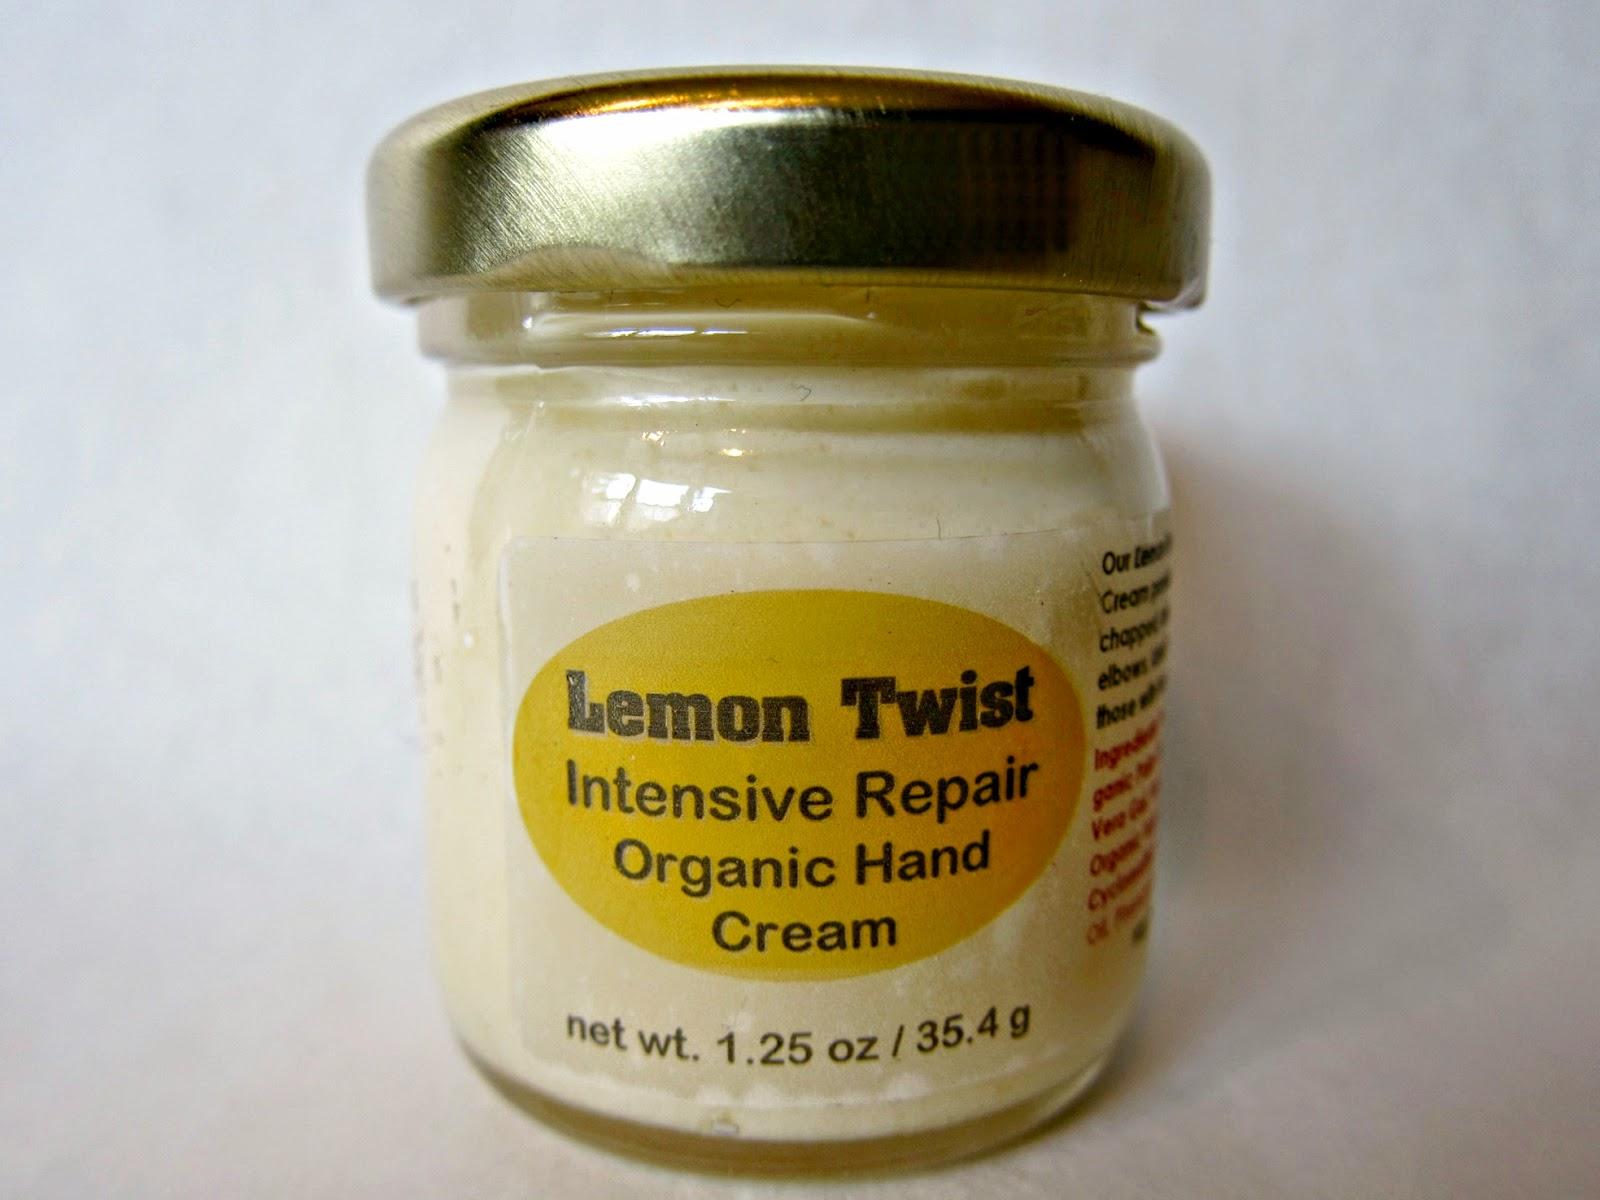 Lemon Twist Intensive Repair Hand Cream